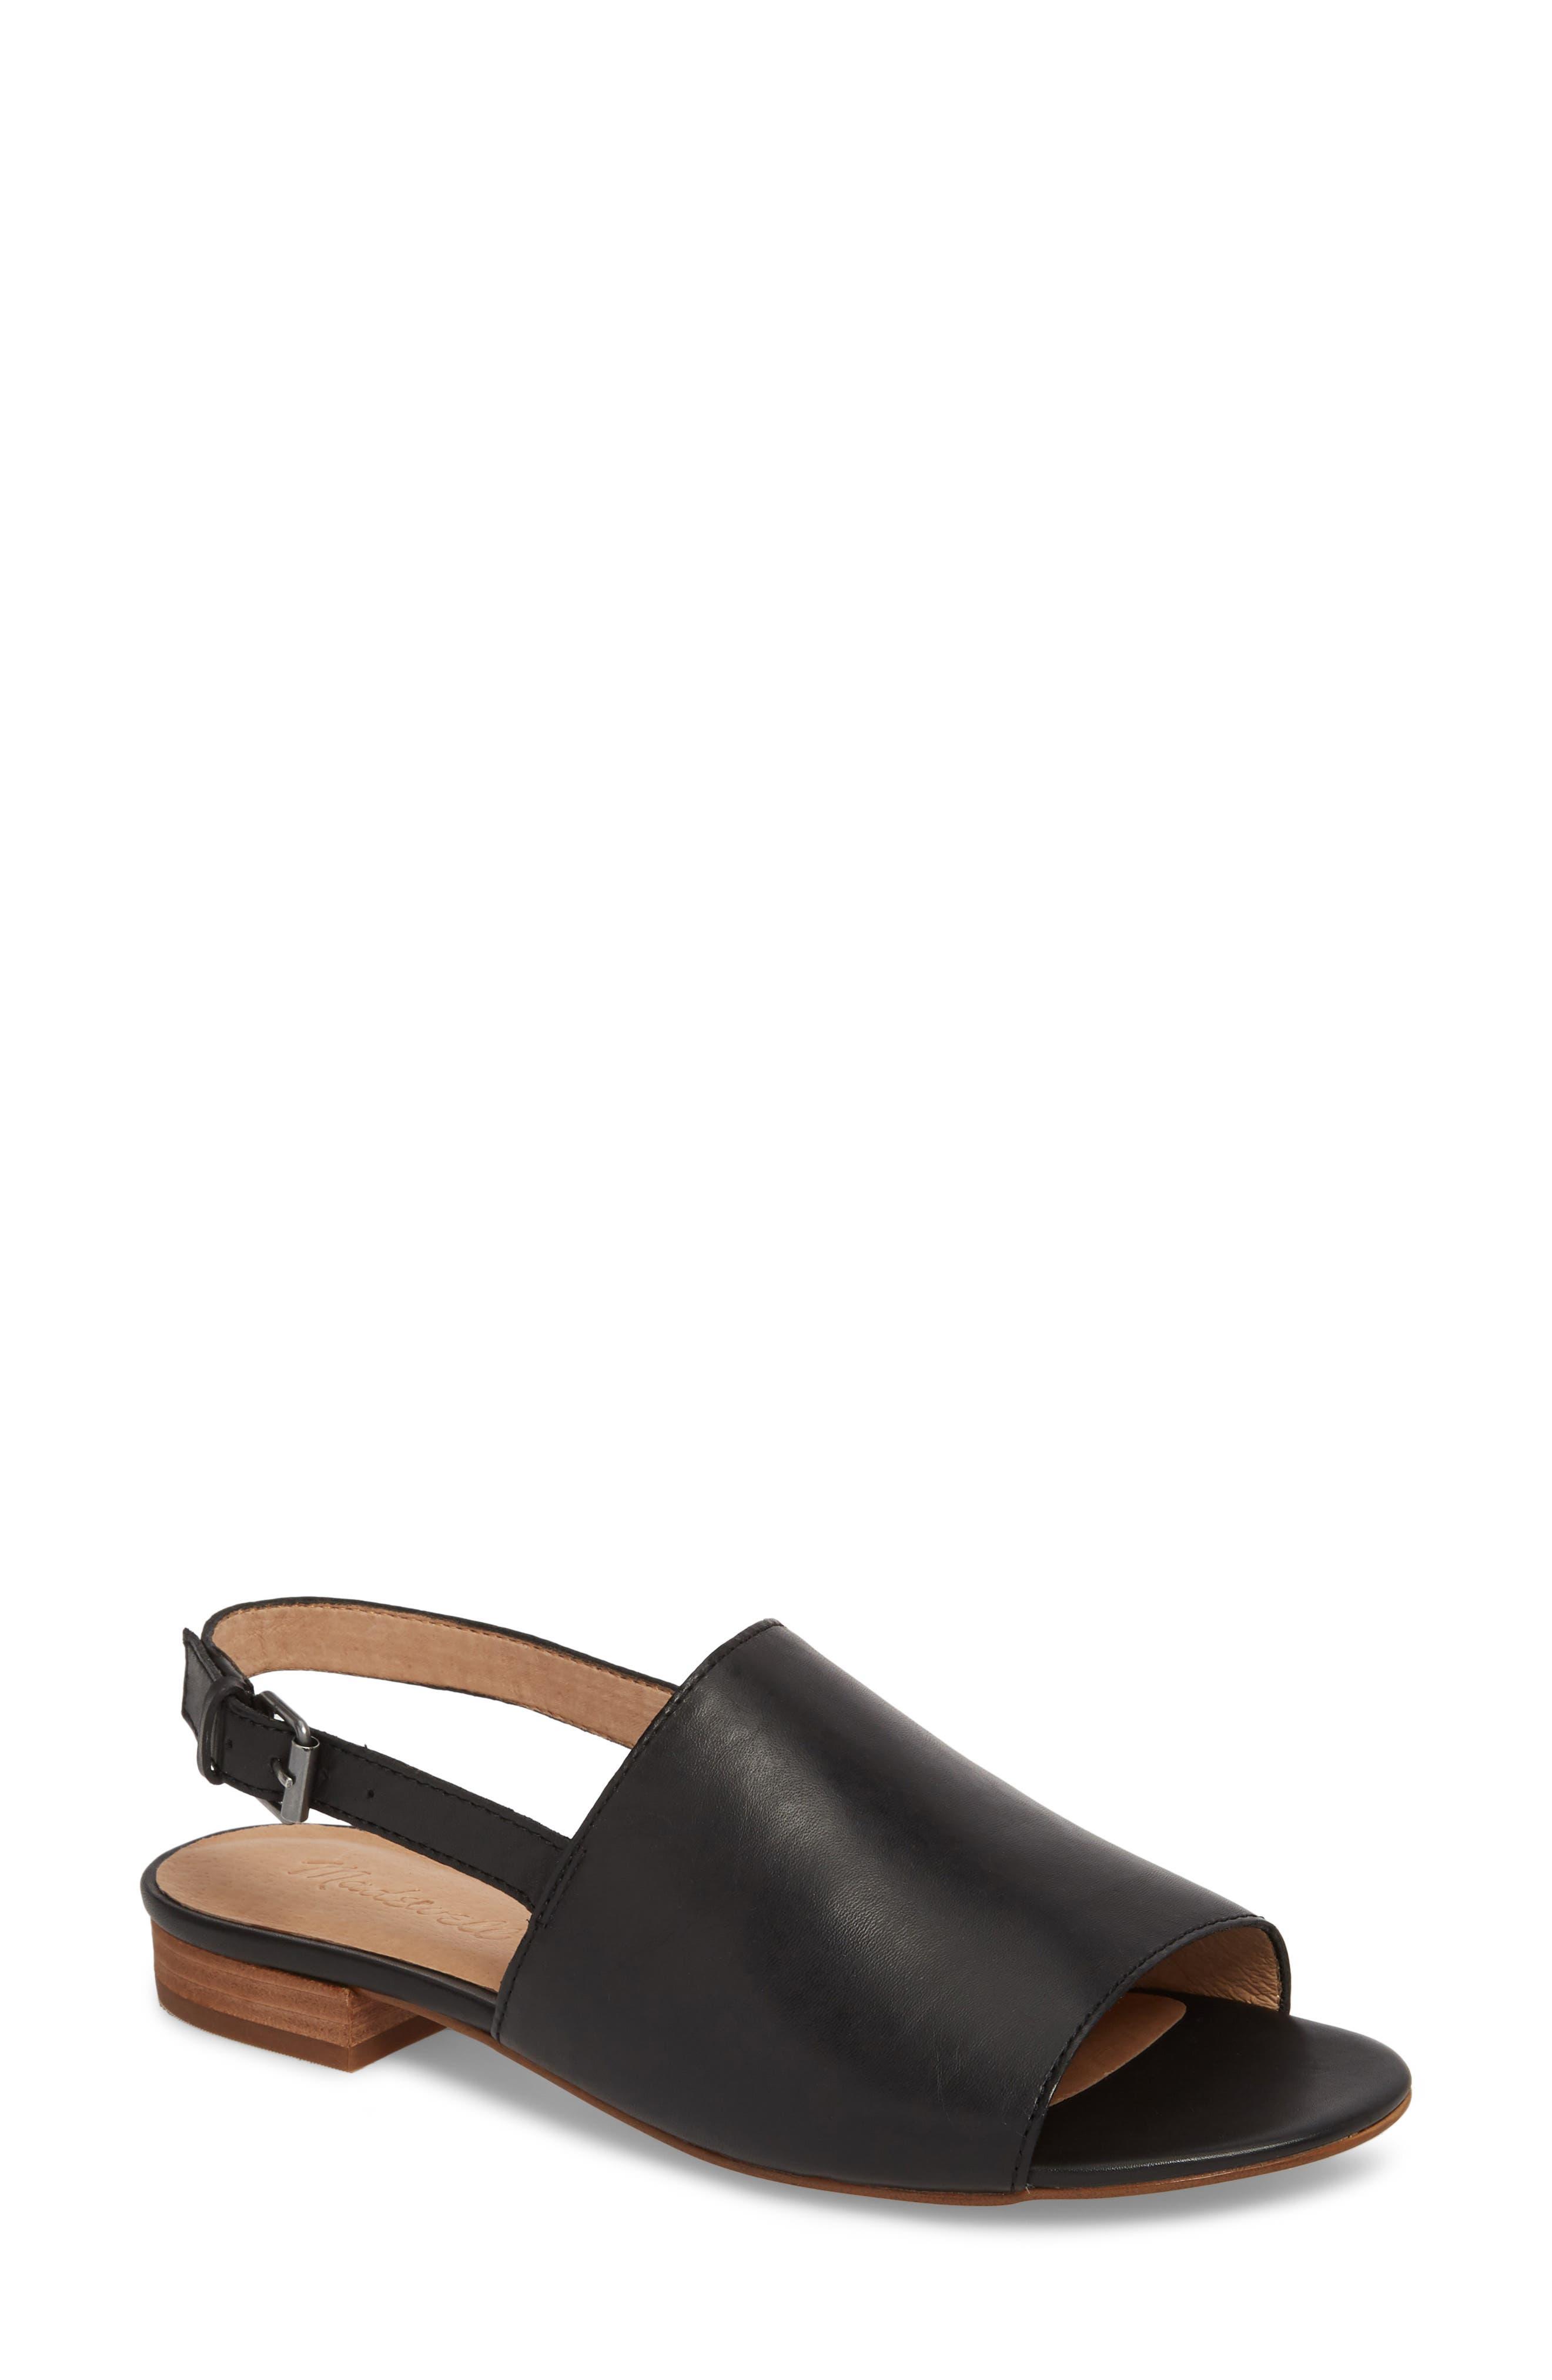 MADEWELL Noelle Slingback Sandal, Main, color, 001